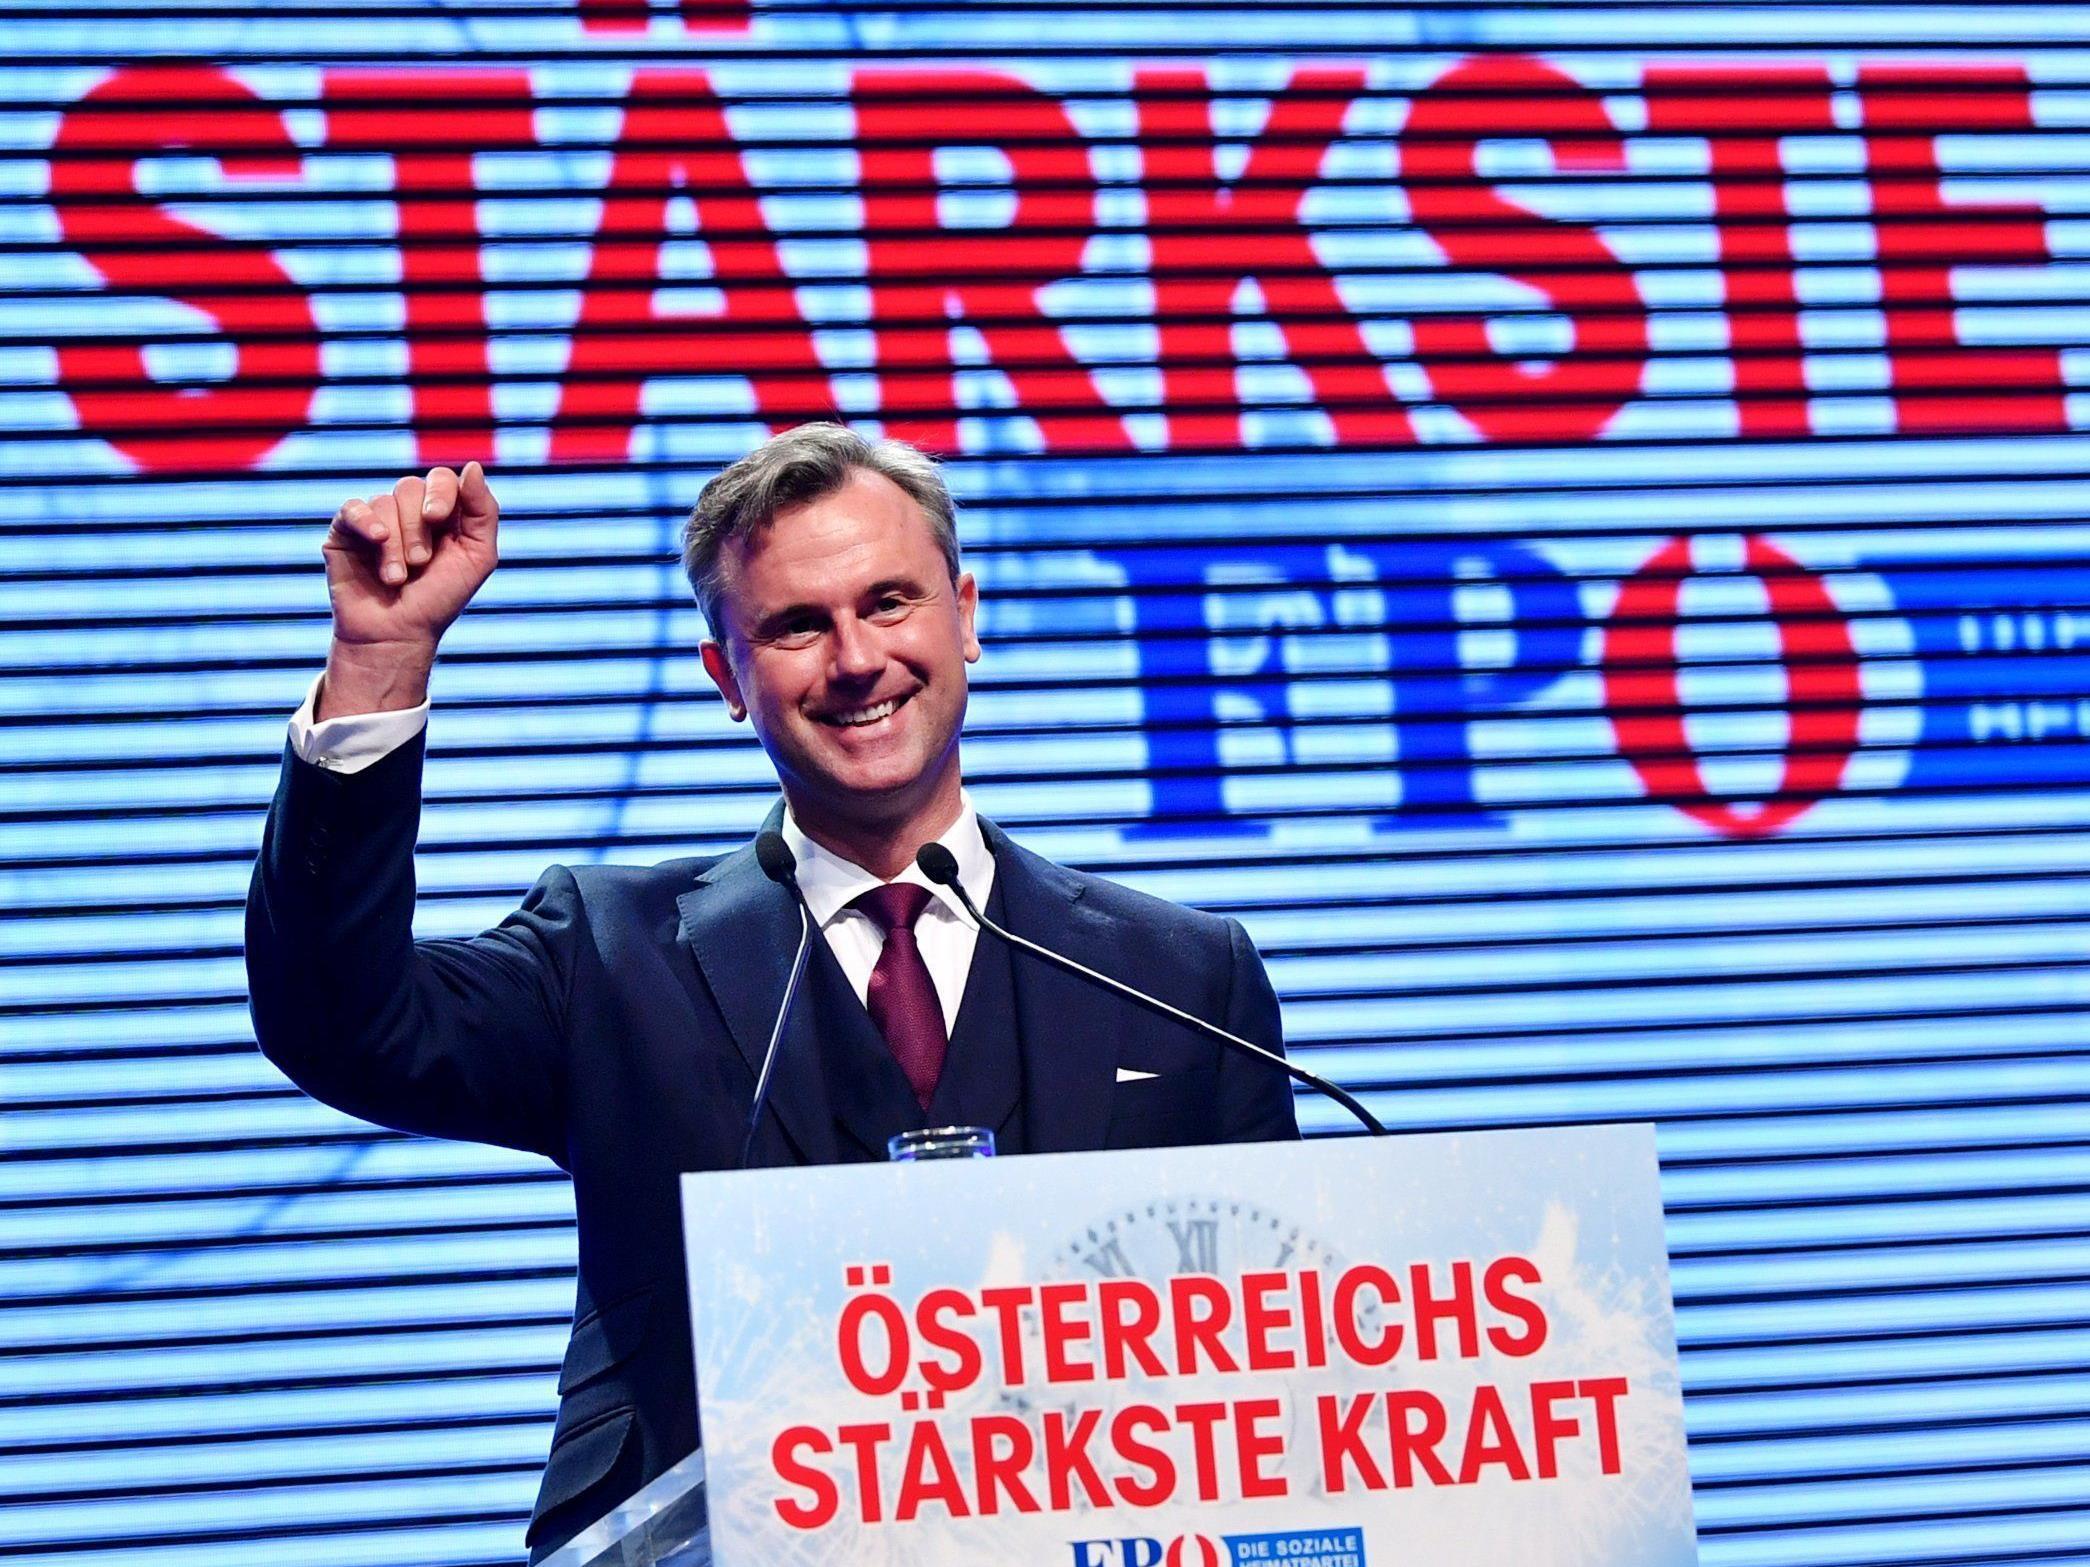 Die FPÖ gab im Vorjahr am meisten für politische Werbung aus